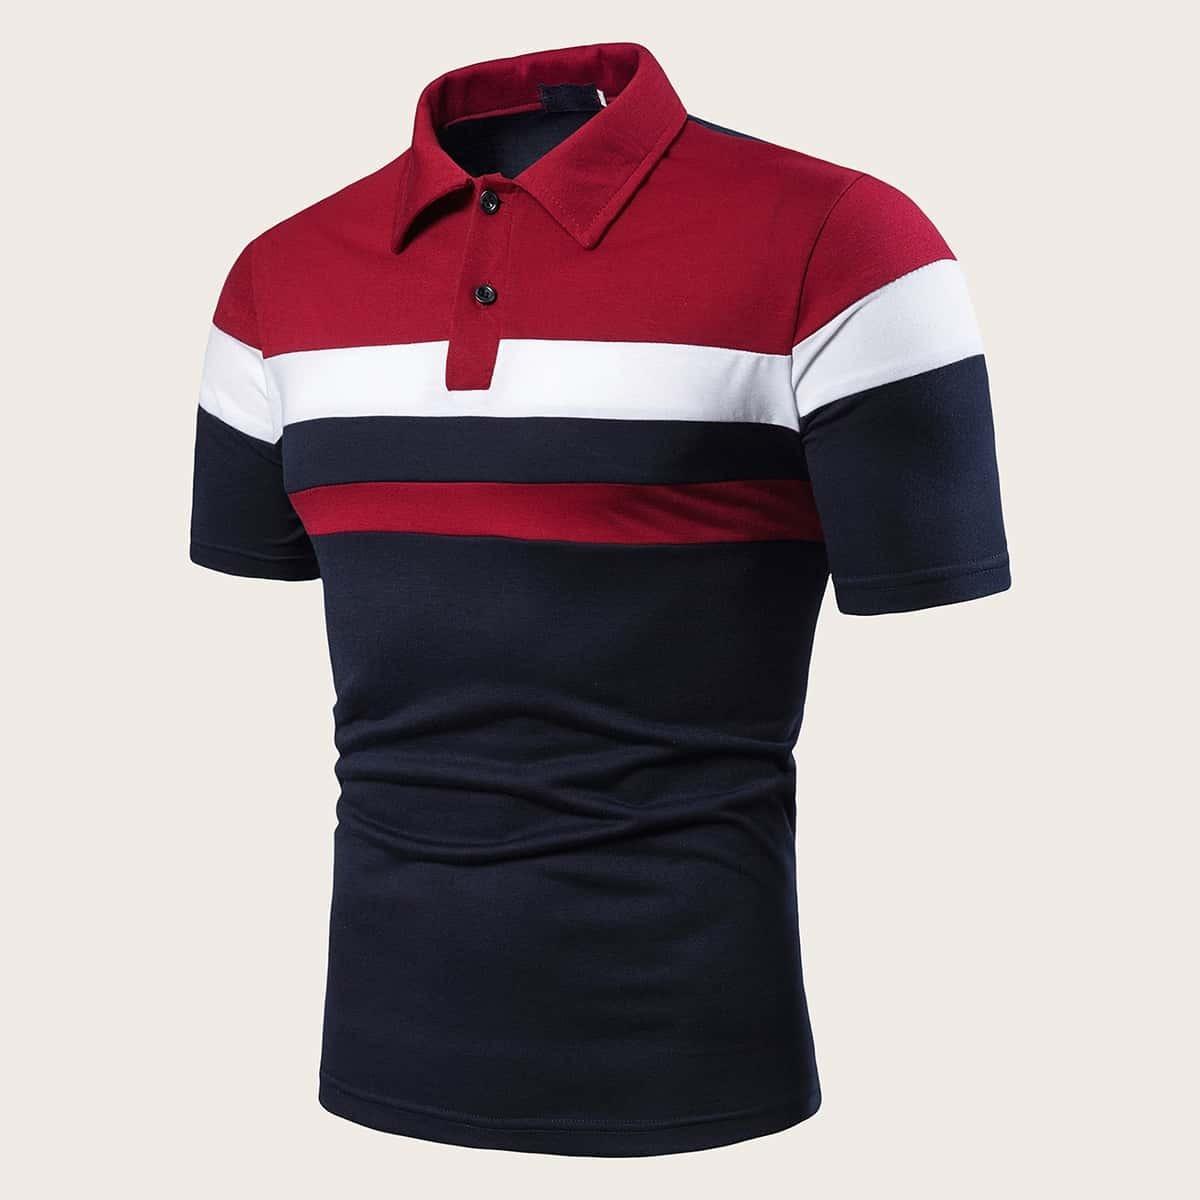 Veel kleurig Sporten Poloshirts voor heren Kleurblok